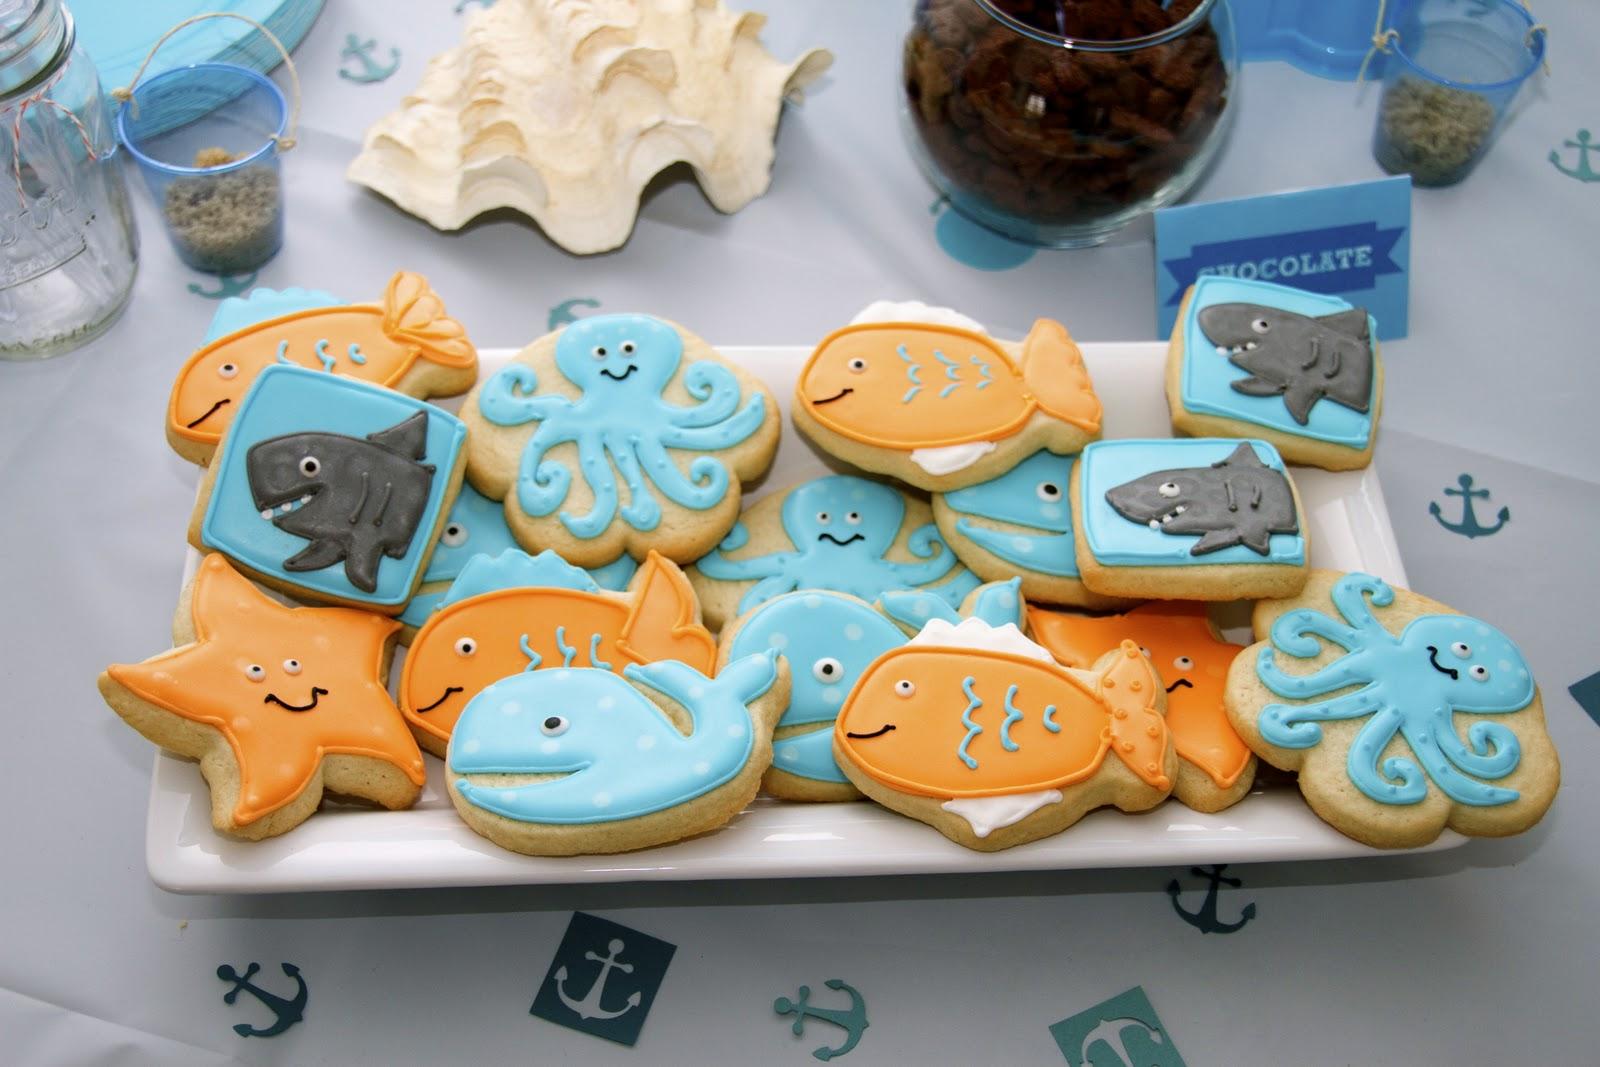 魚の絵が描かれたアイシングクッキー